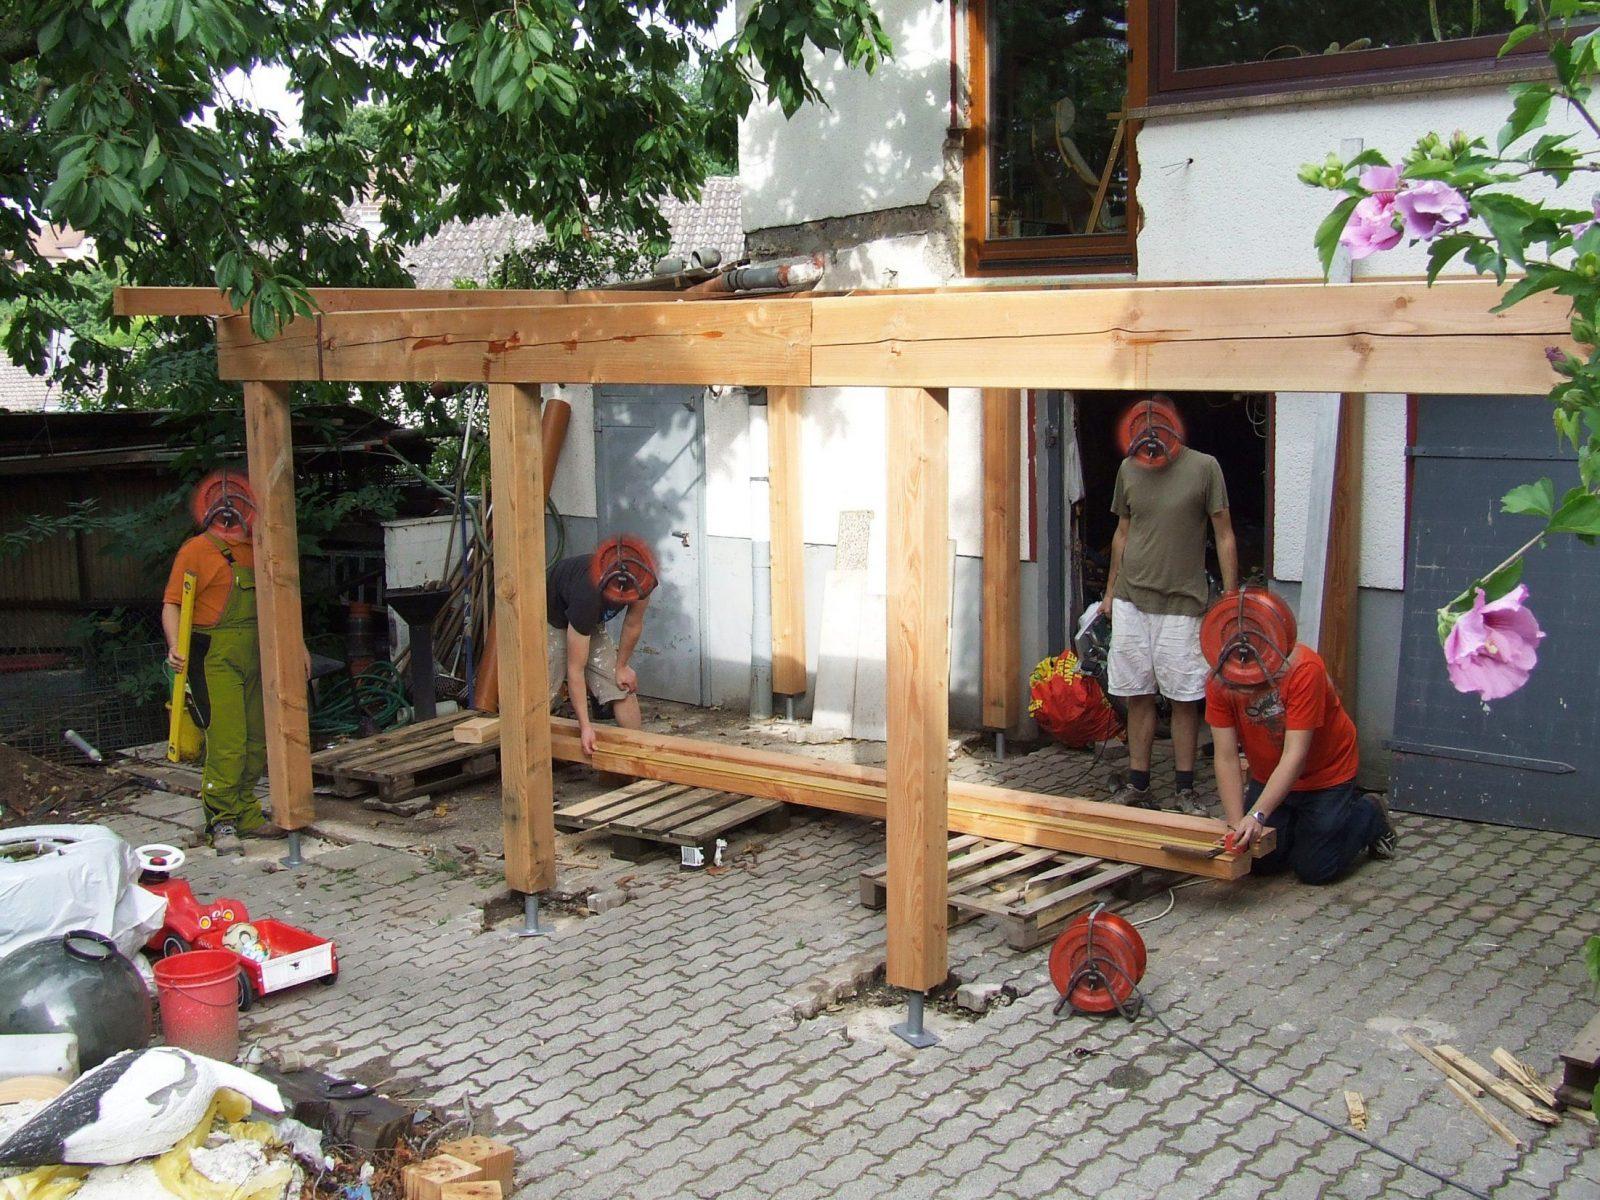 Gallery Of Balkon Selber Bauen Haussanierung  Terrasse Aus Holz von Balkon Holz Selber Bauen Bild